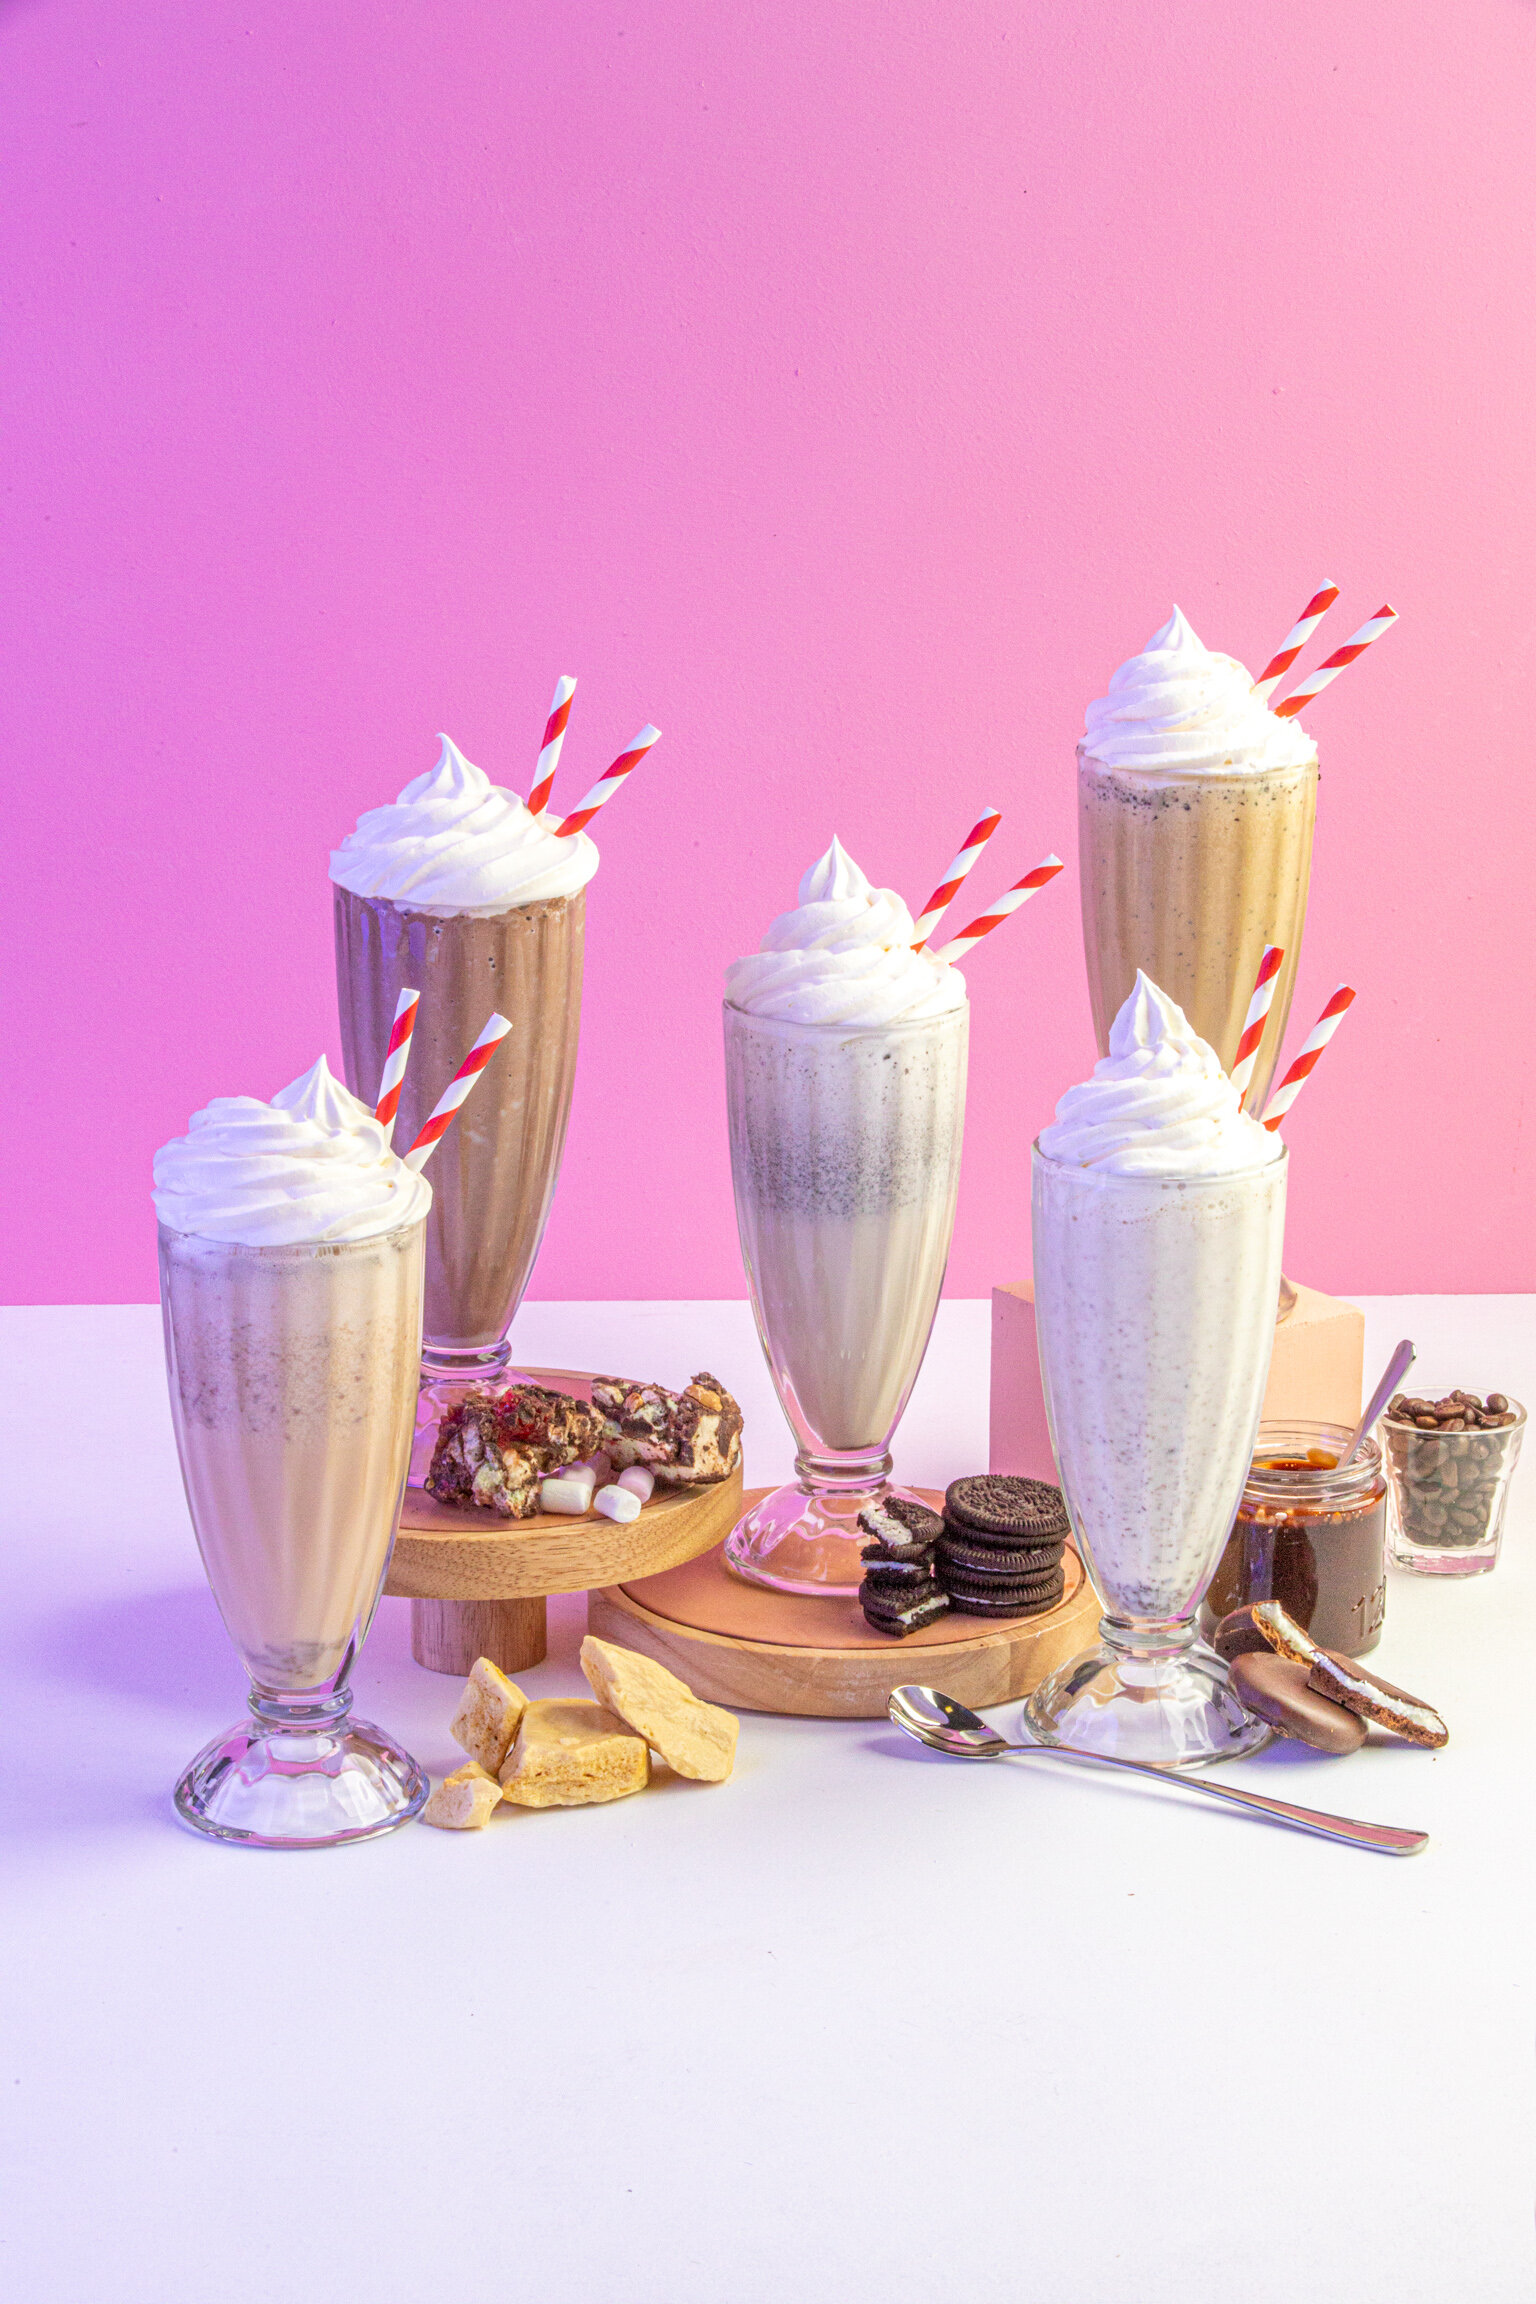 Gloriajeans_shakes-icecreams_more-1.jpg